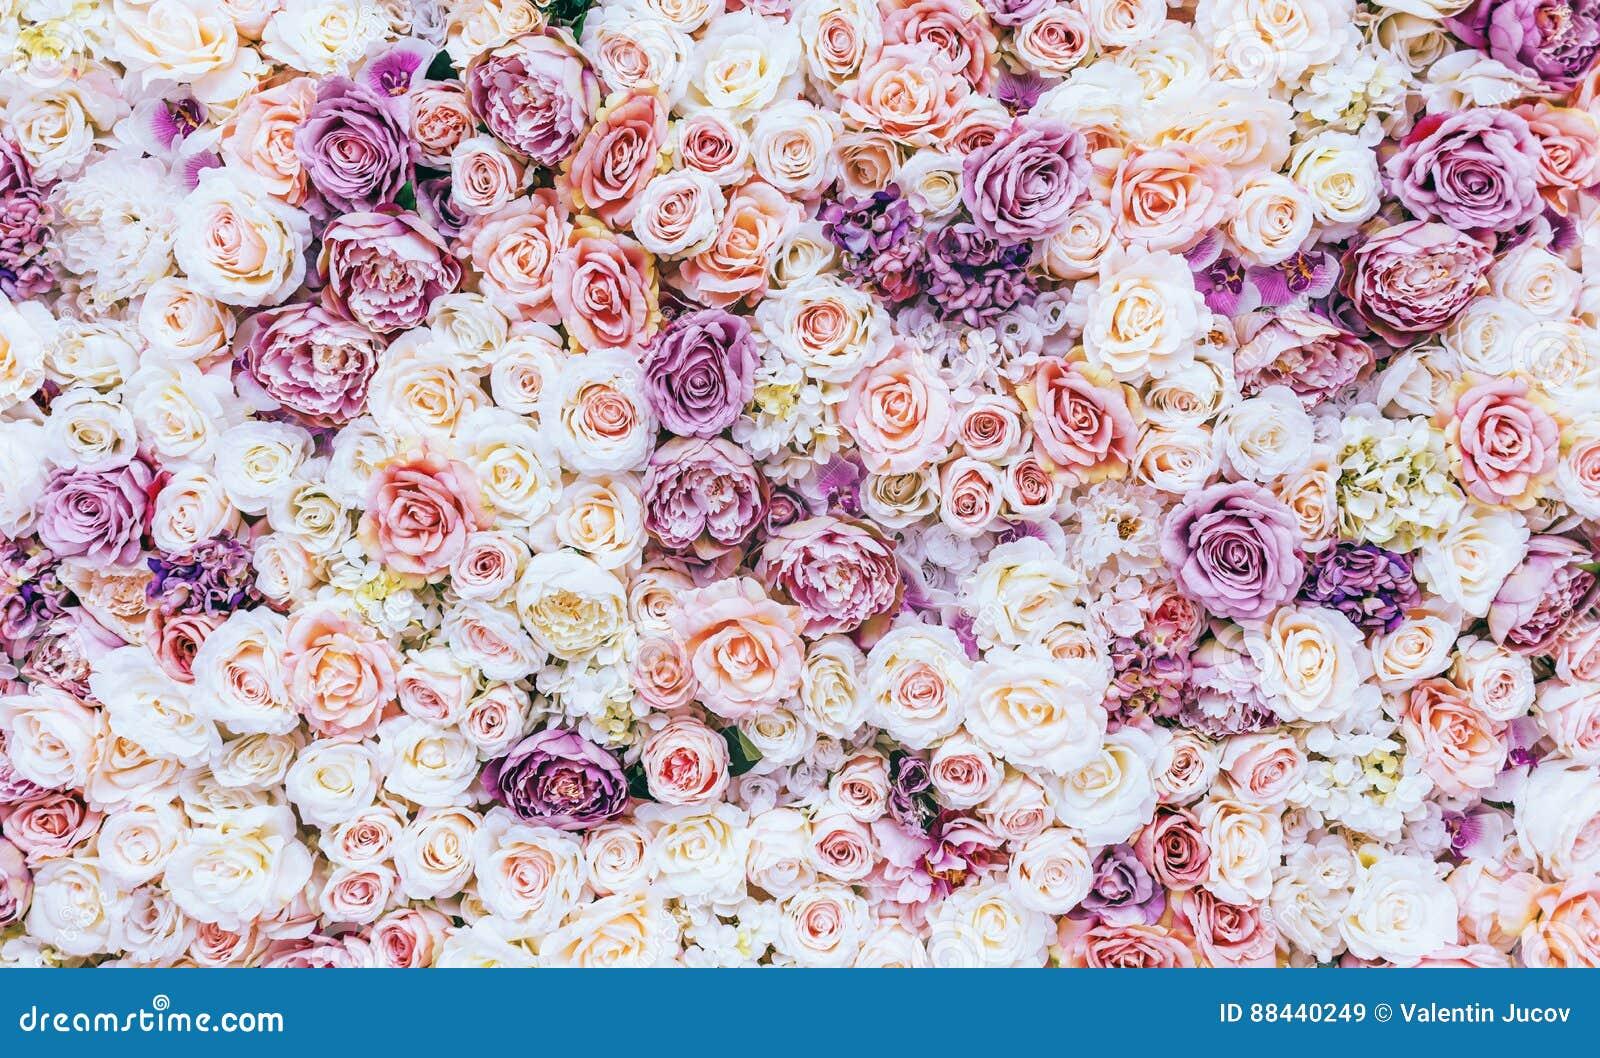 Fondo de la pared de las flores con sorprender las rosas rojas y blancas, casandose la decoración, hecha a mano